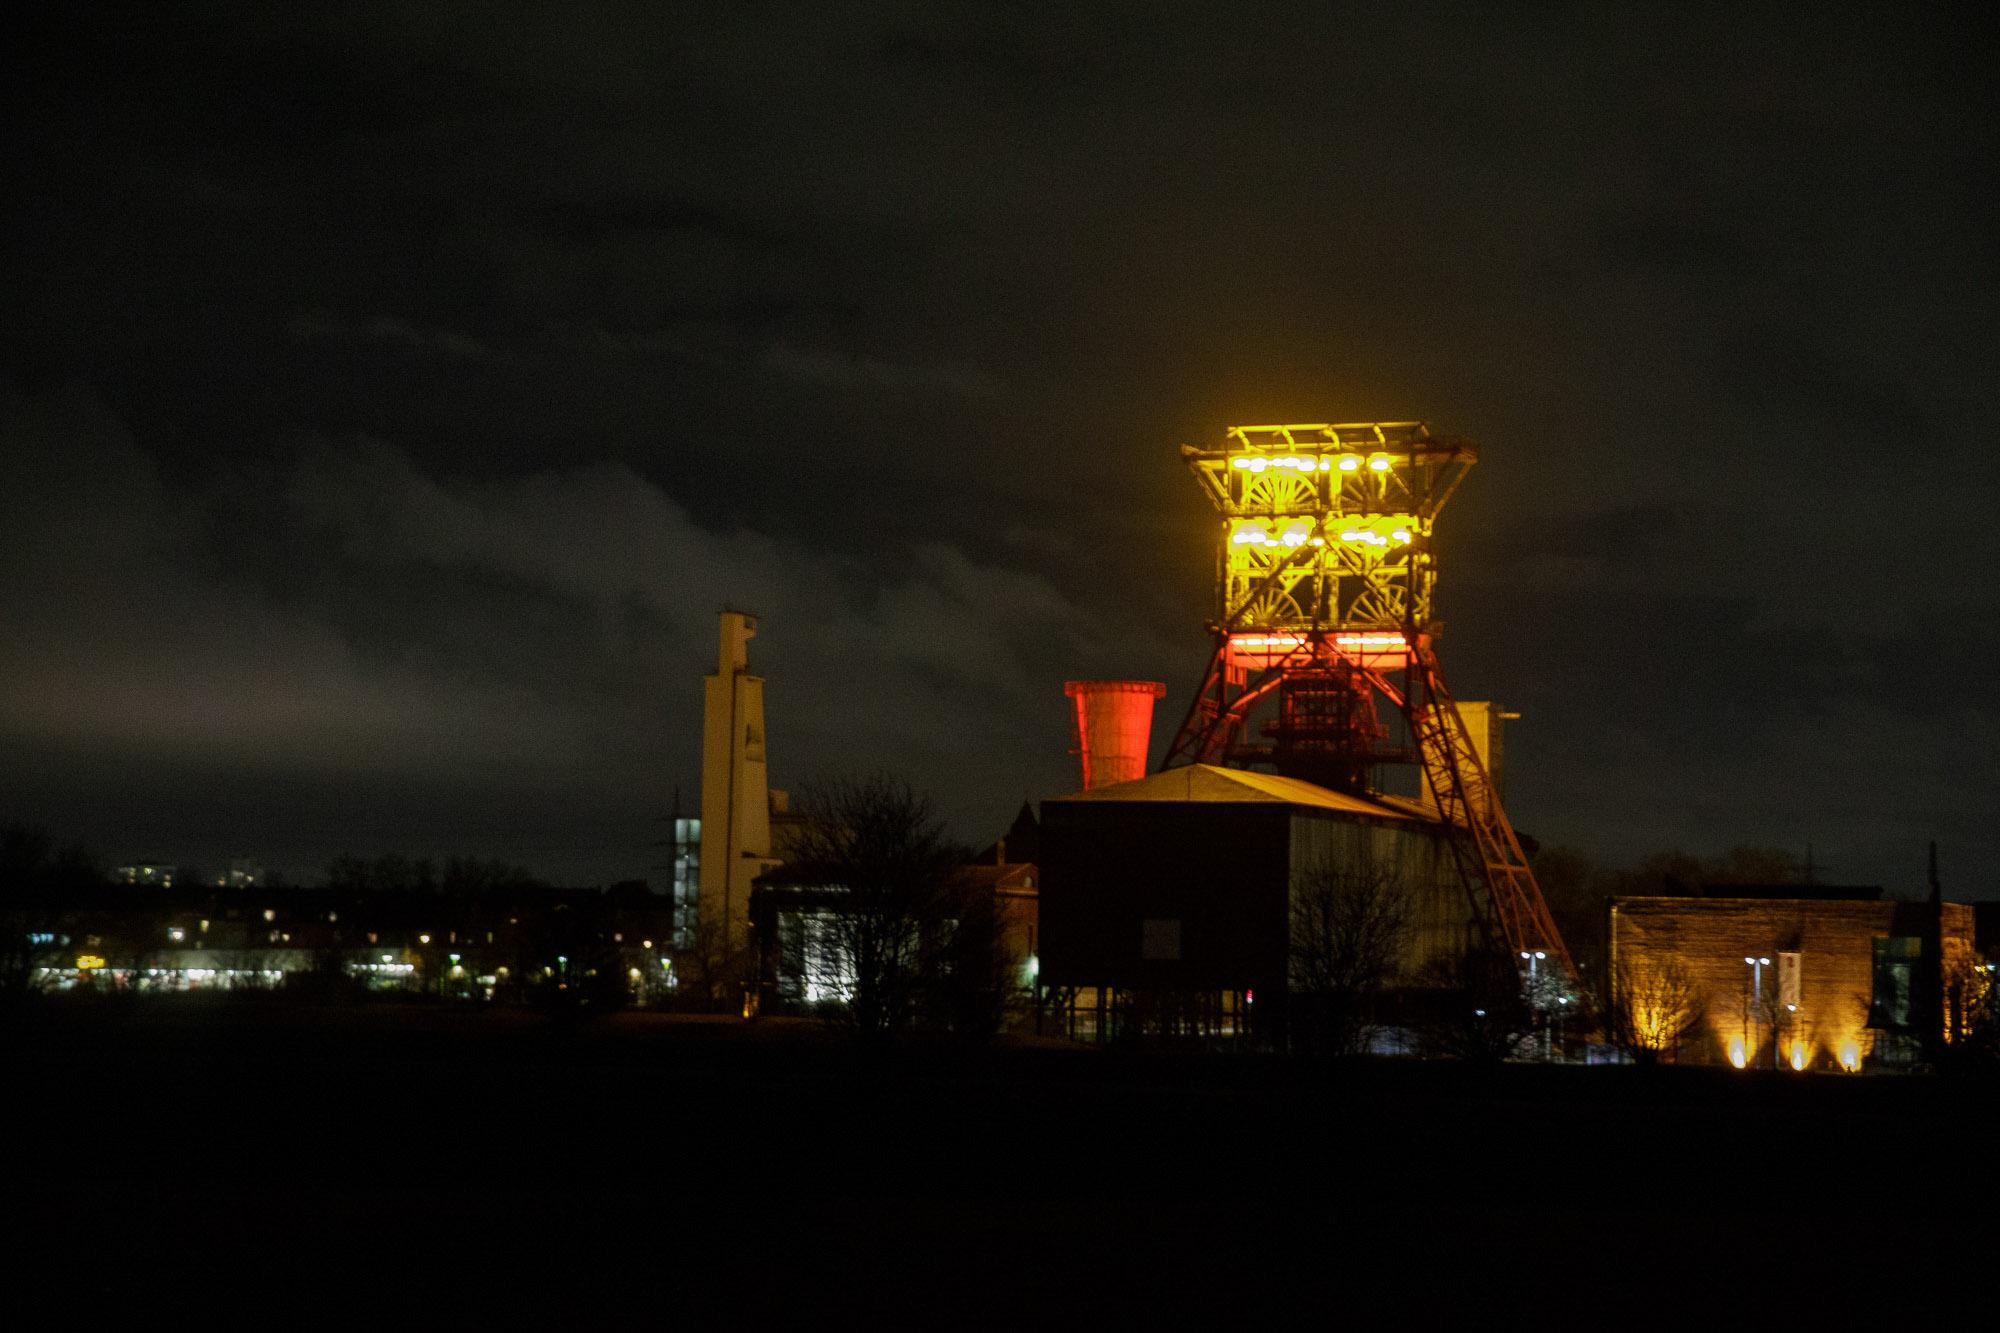 Förderturm und Maschinenhaus auf Consol, beleuchtet in der Nacht